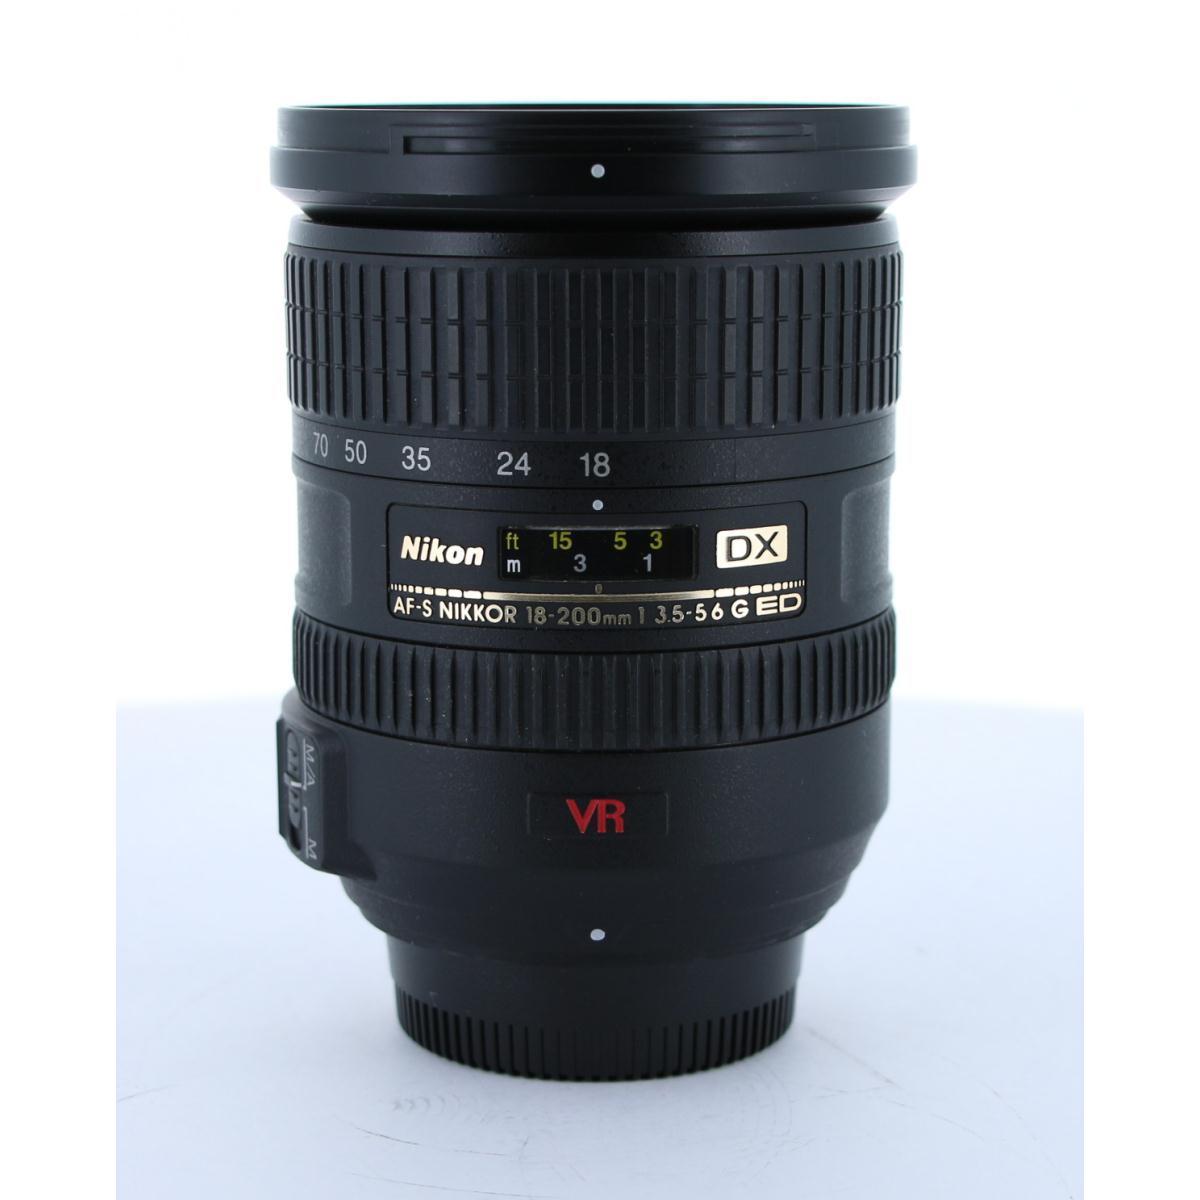 NIKON AF-S DX18-200mm F3.5-5.6G VR【中古】